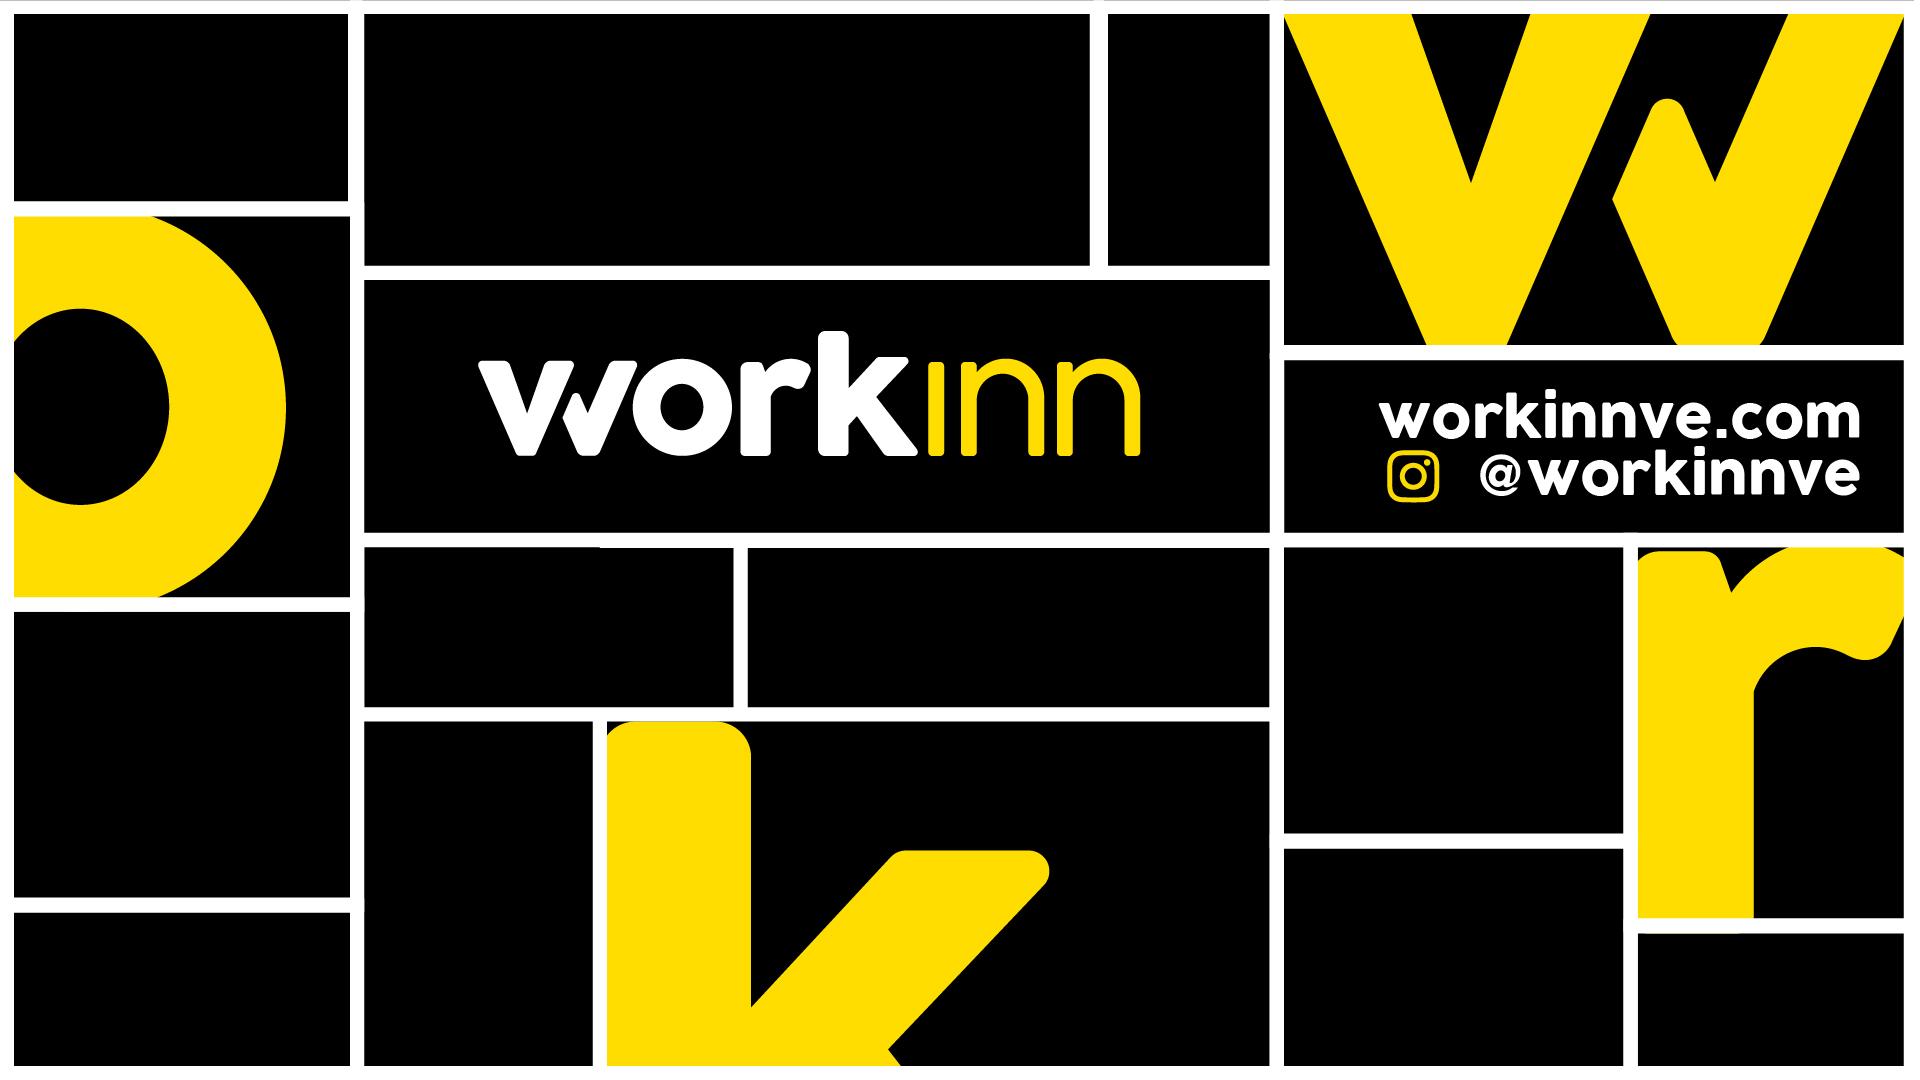 workinnve